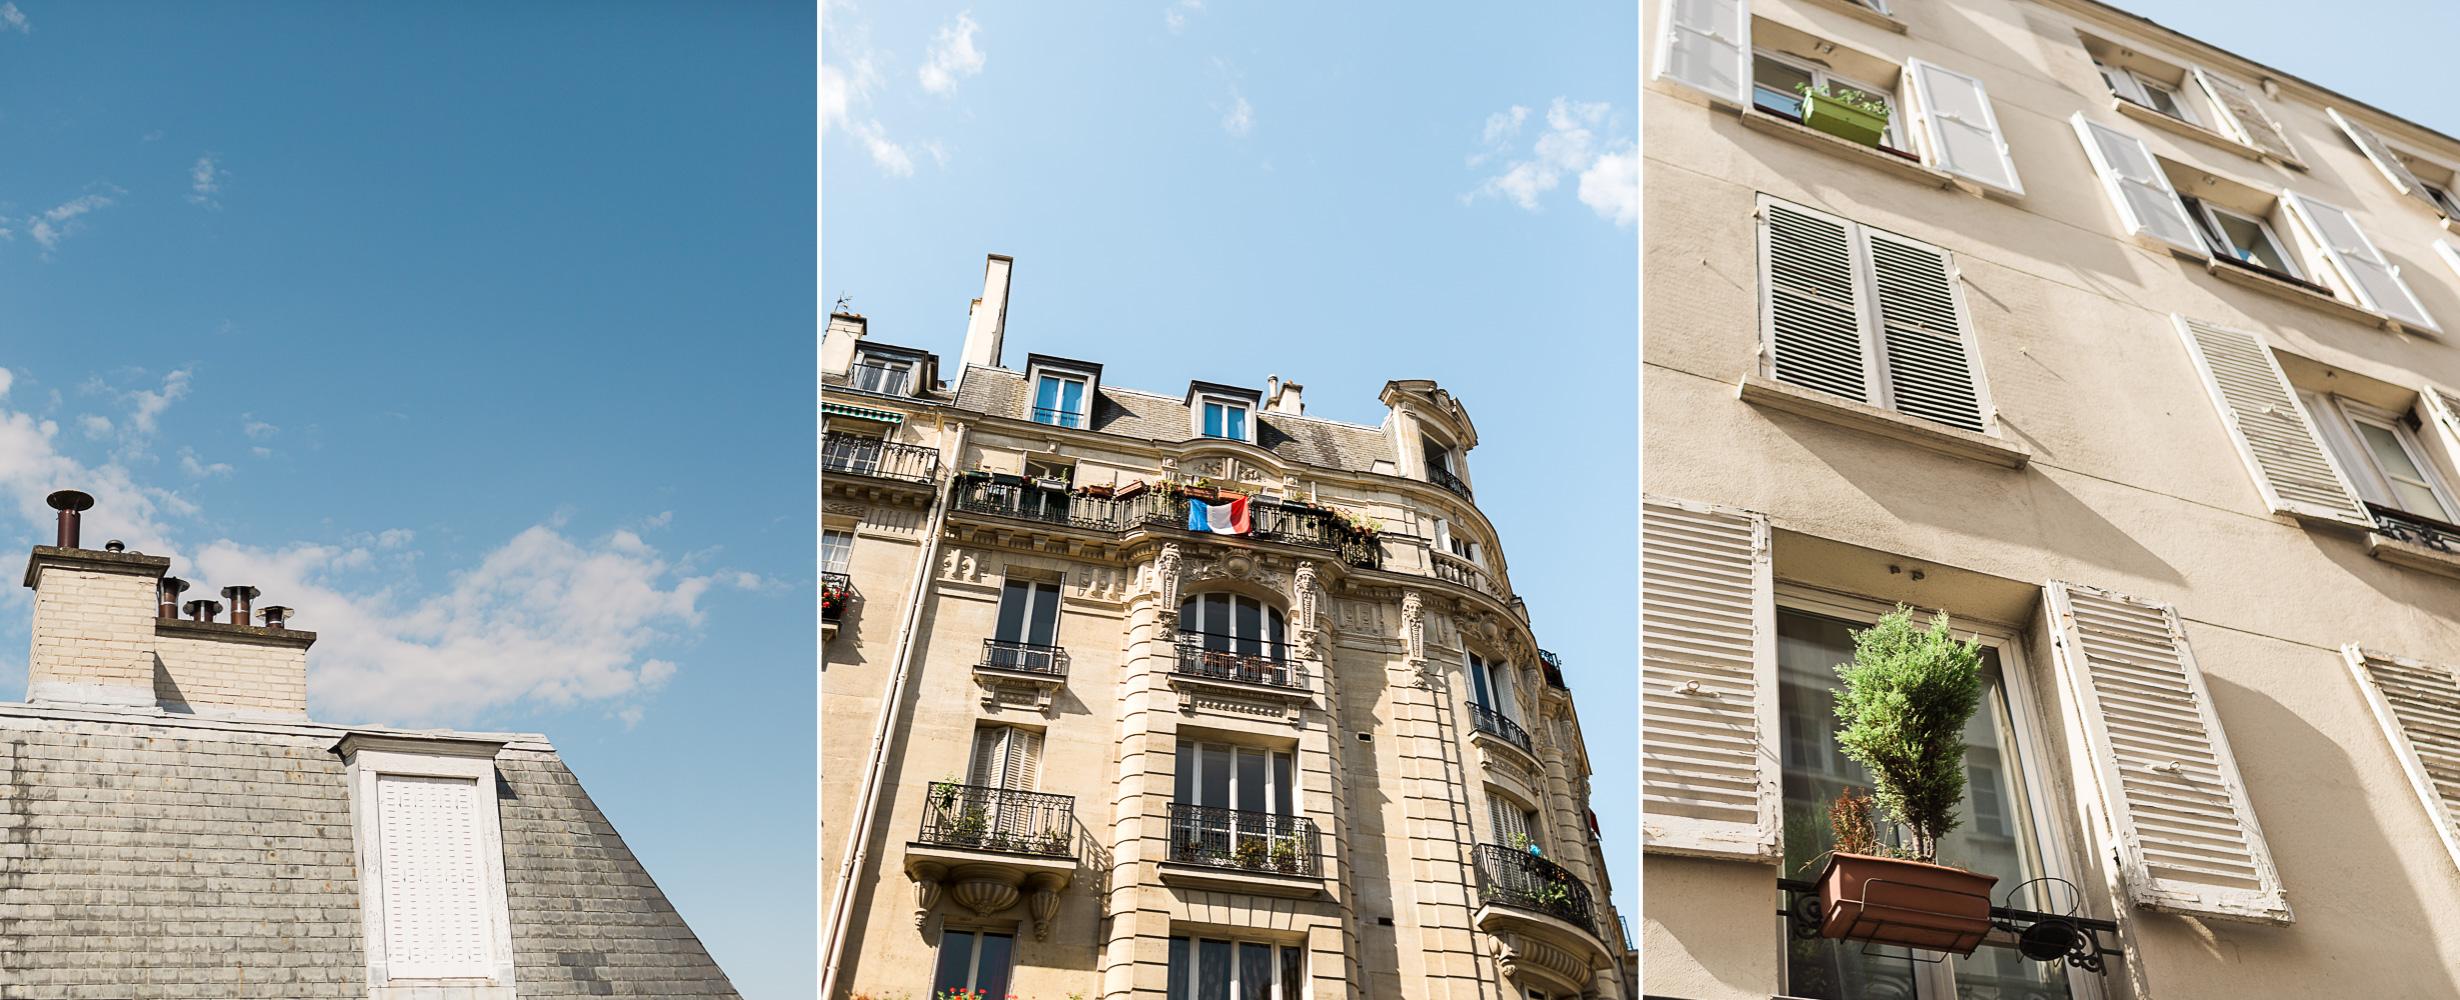 France9.jpg